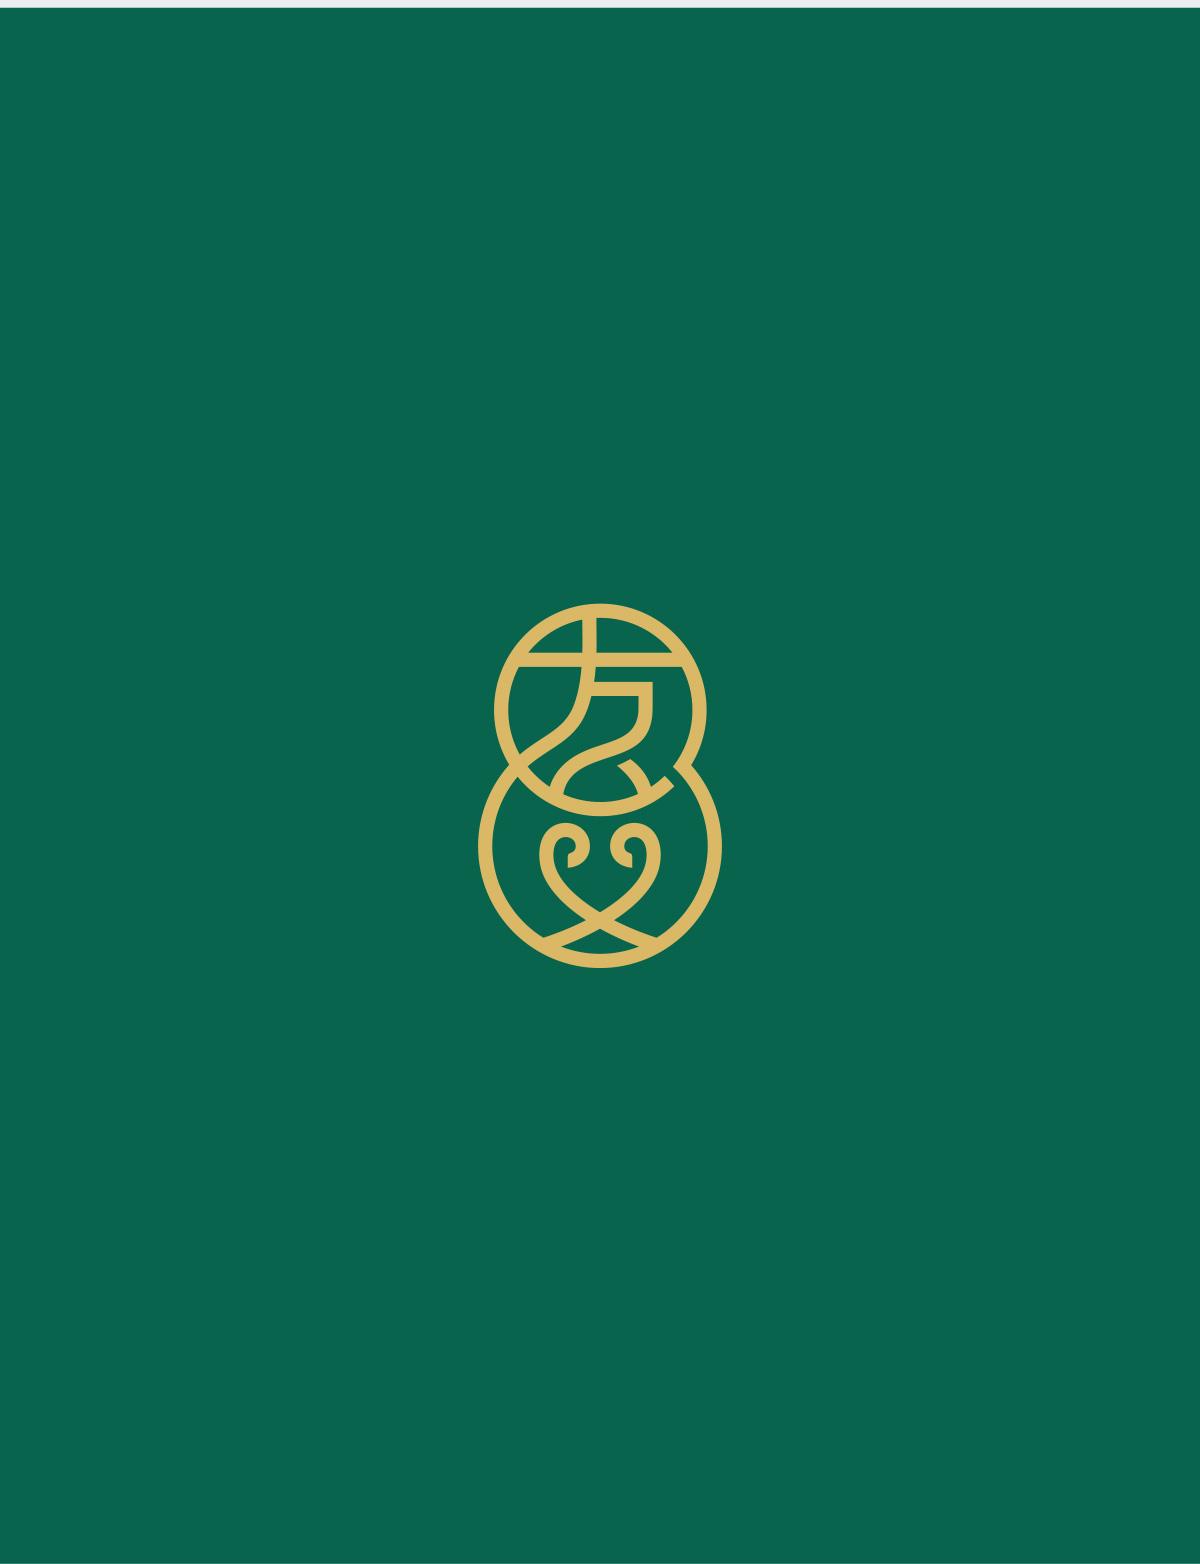 友艾公司案例_02.jpg